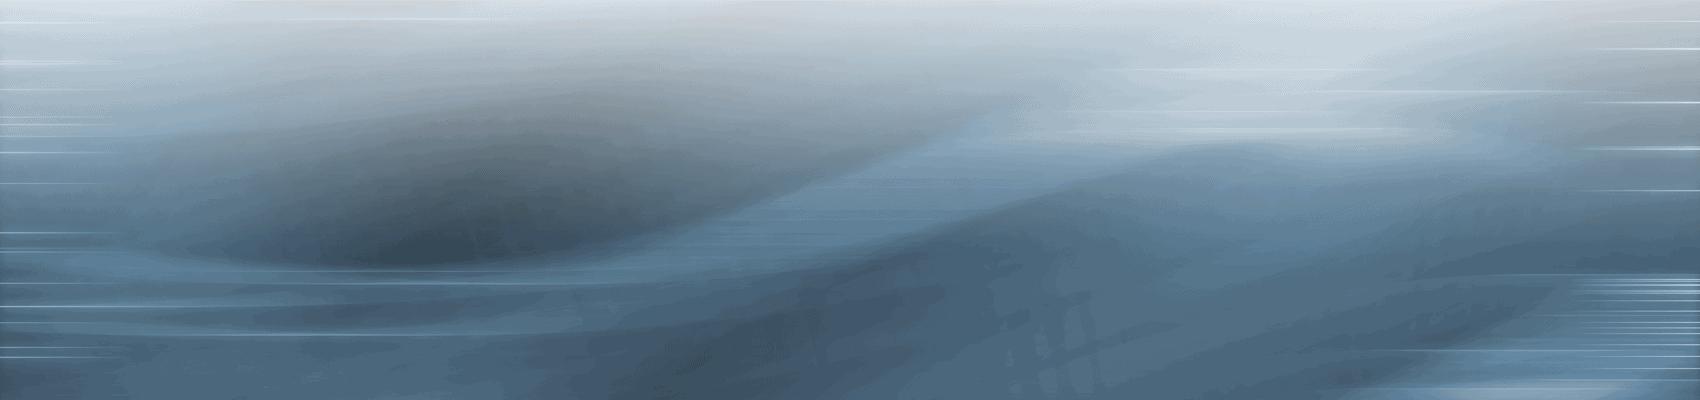 Banner_bkg0b395b